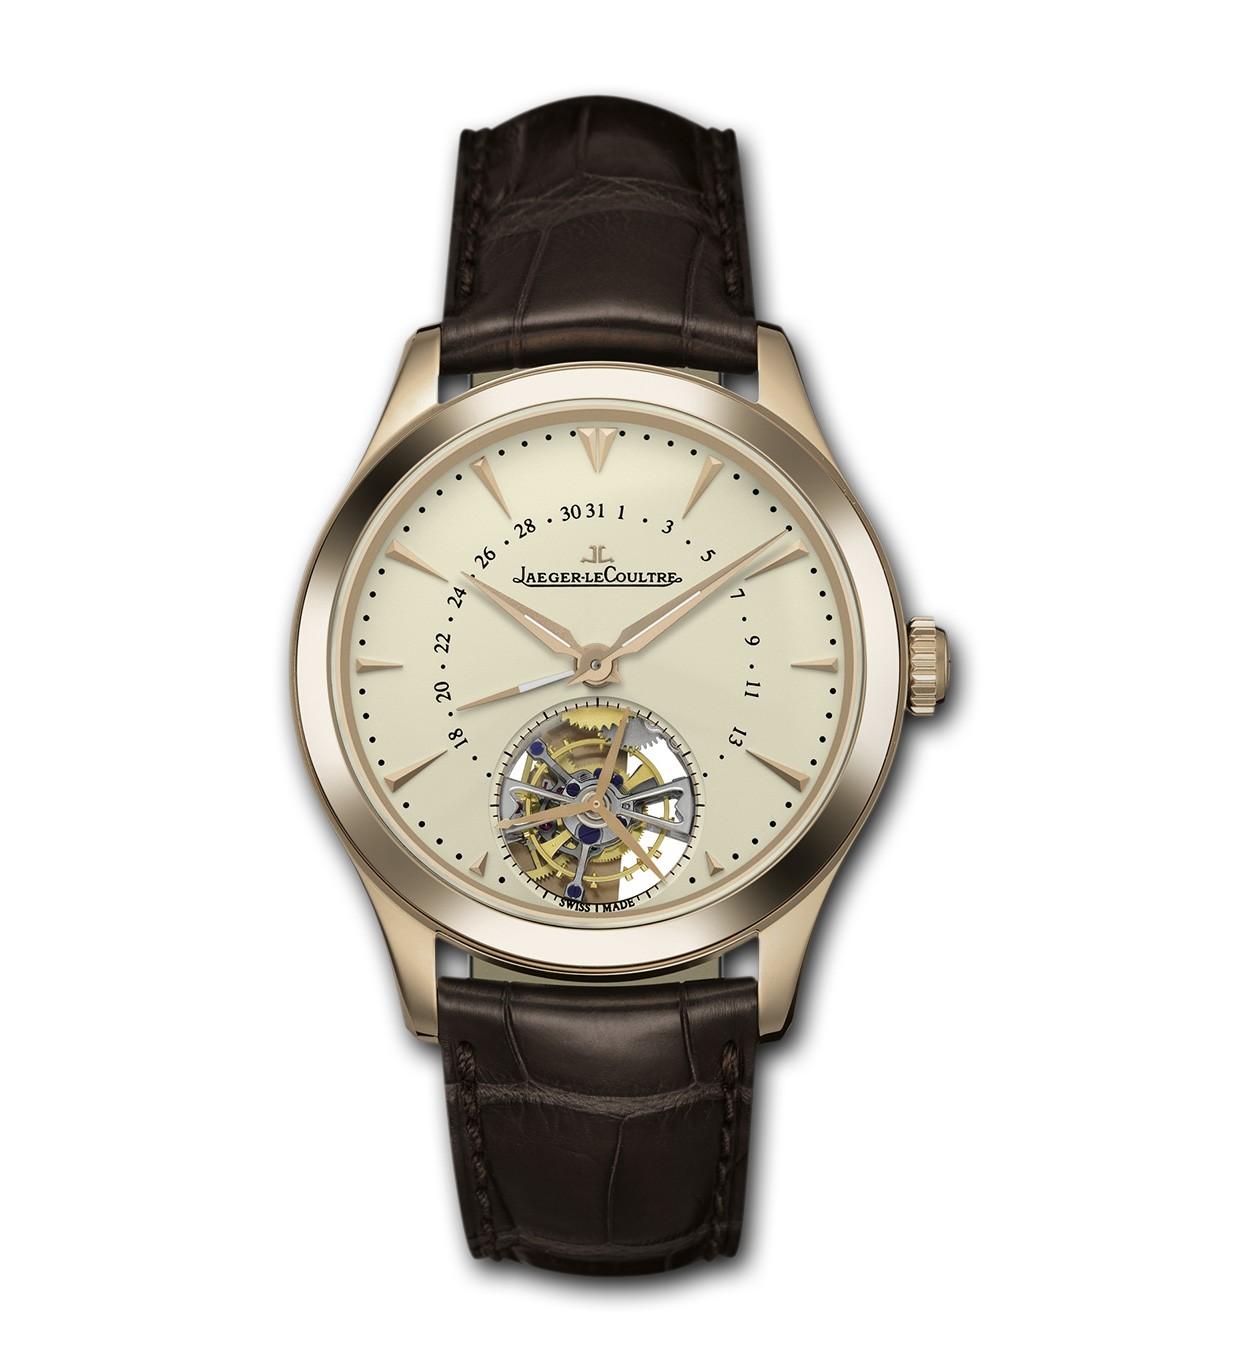 积家陀飞轮手表,积家大师系列两款陀飞轮手表